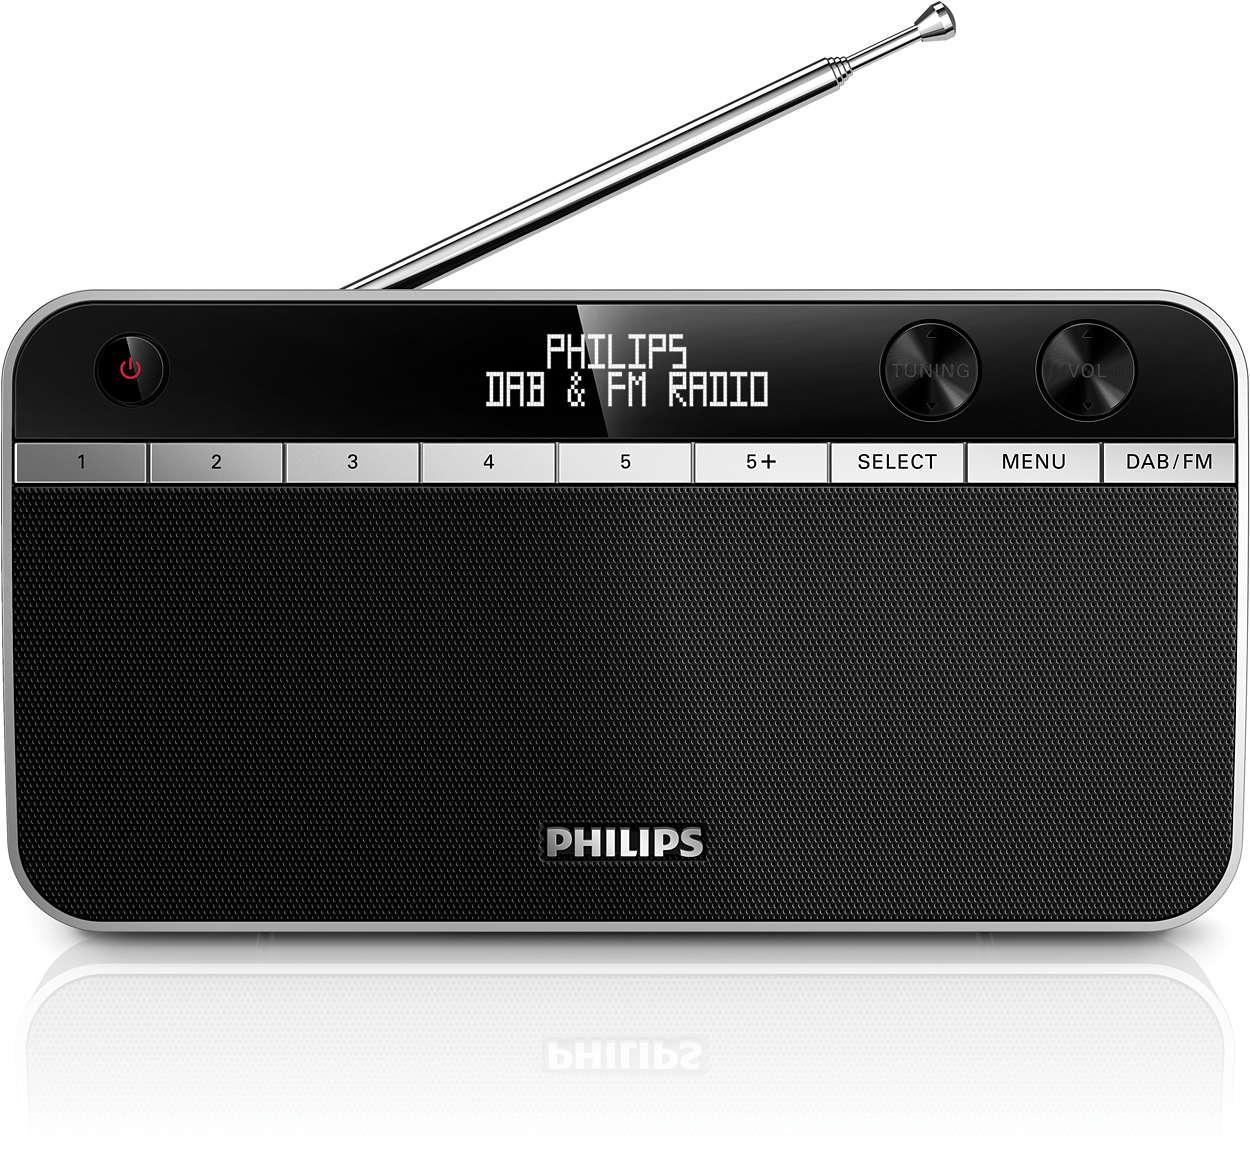 Escucha la radio DAB+ con un sonido excelente en cualquier lugar